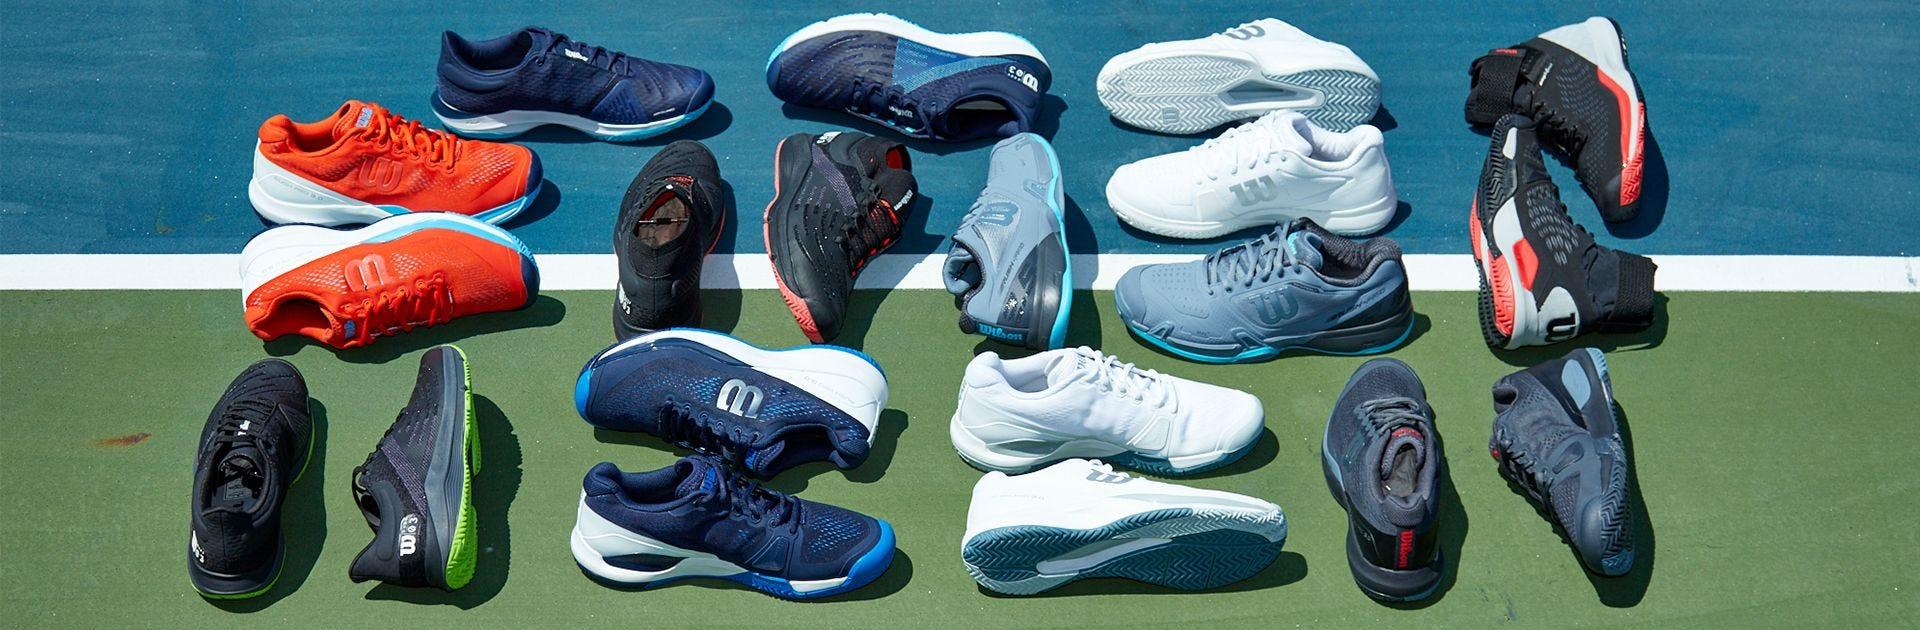 Men's Tennis Shoes | Wilson Sporting Goods